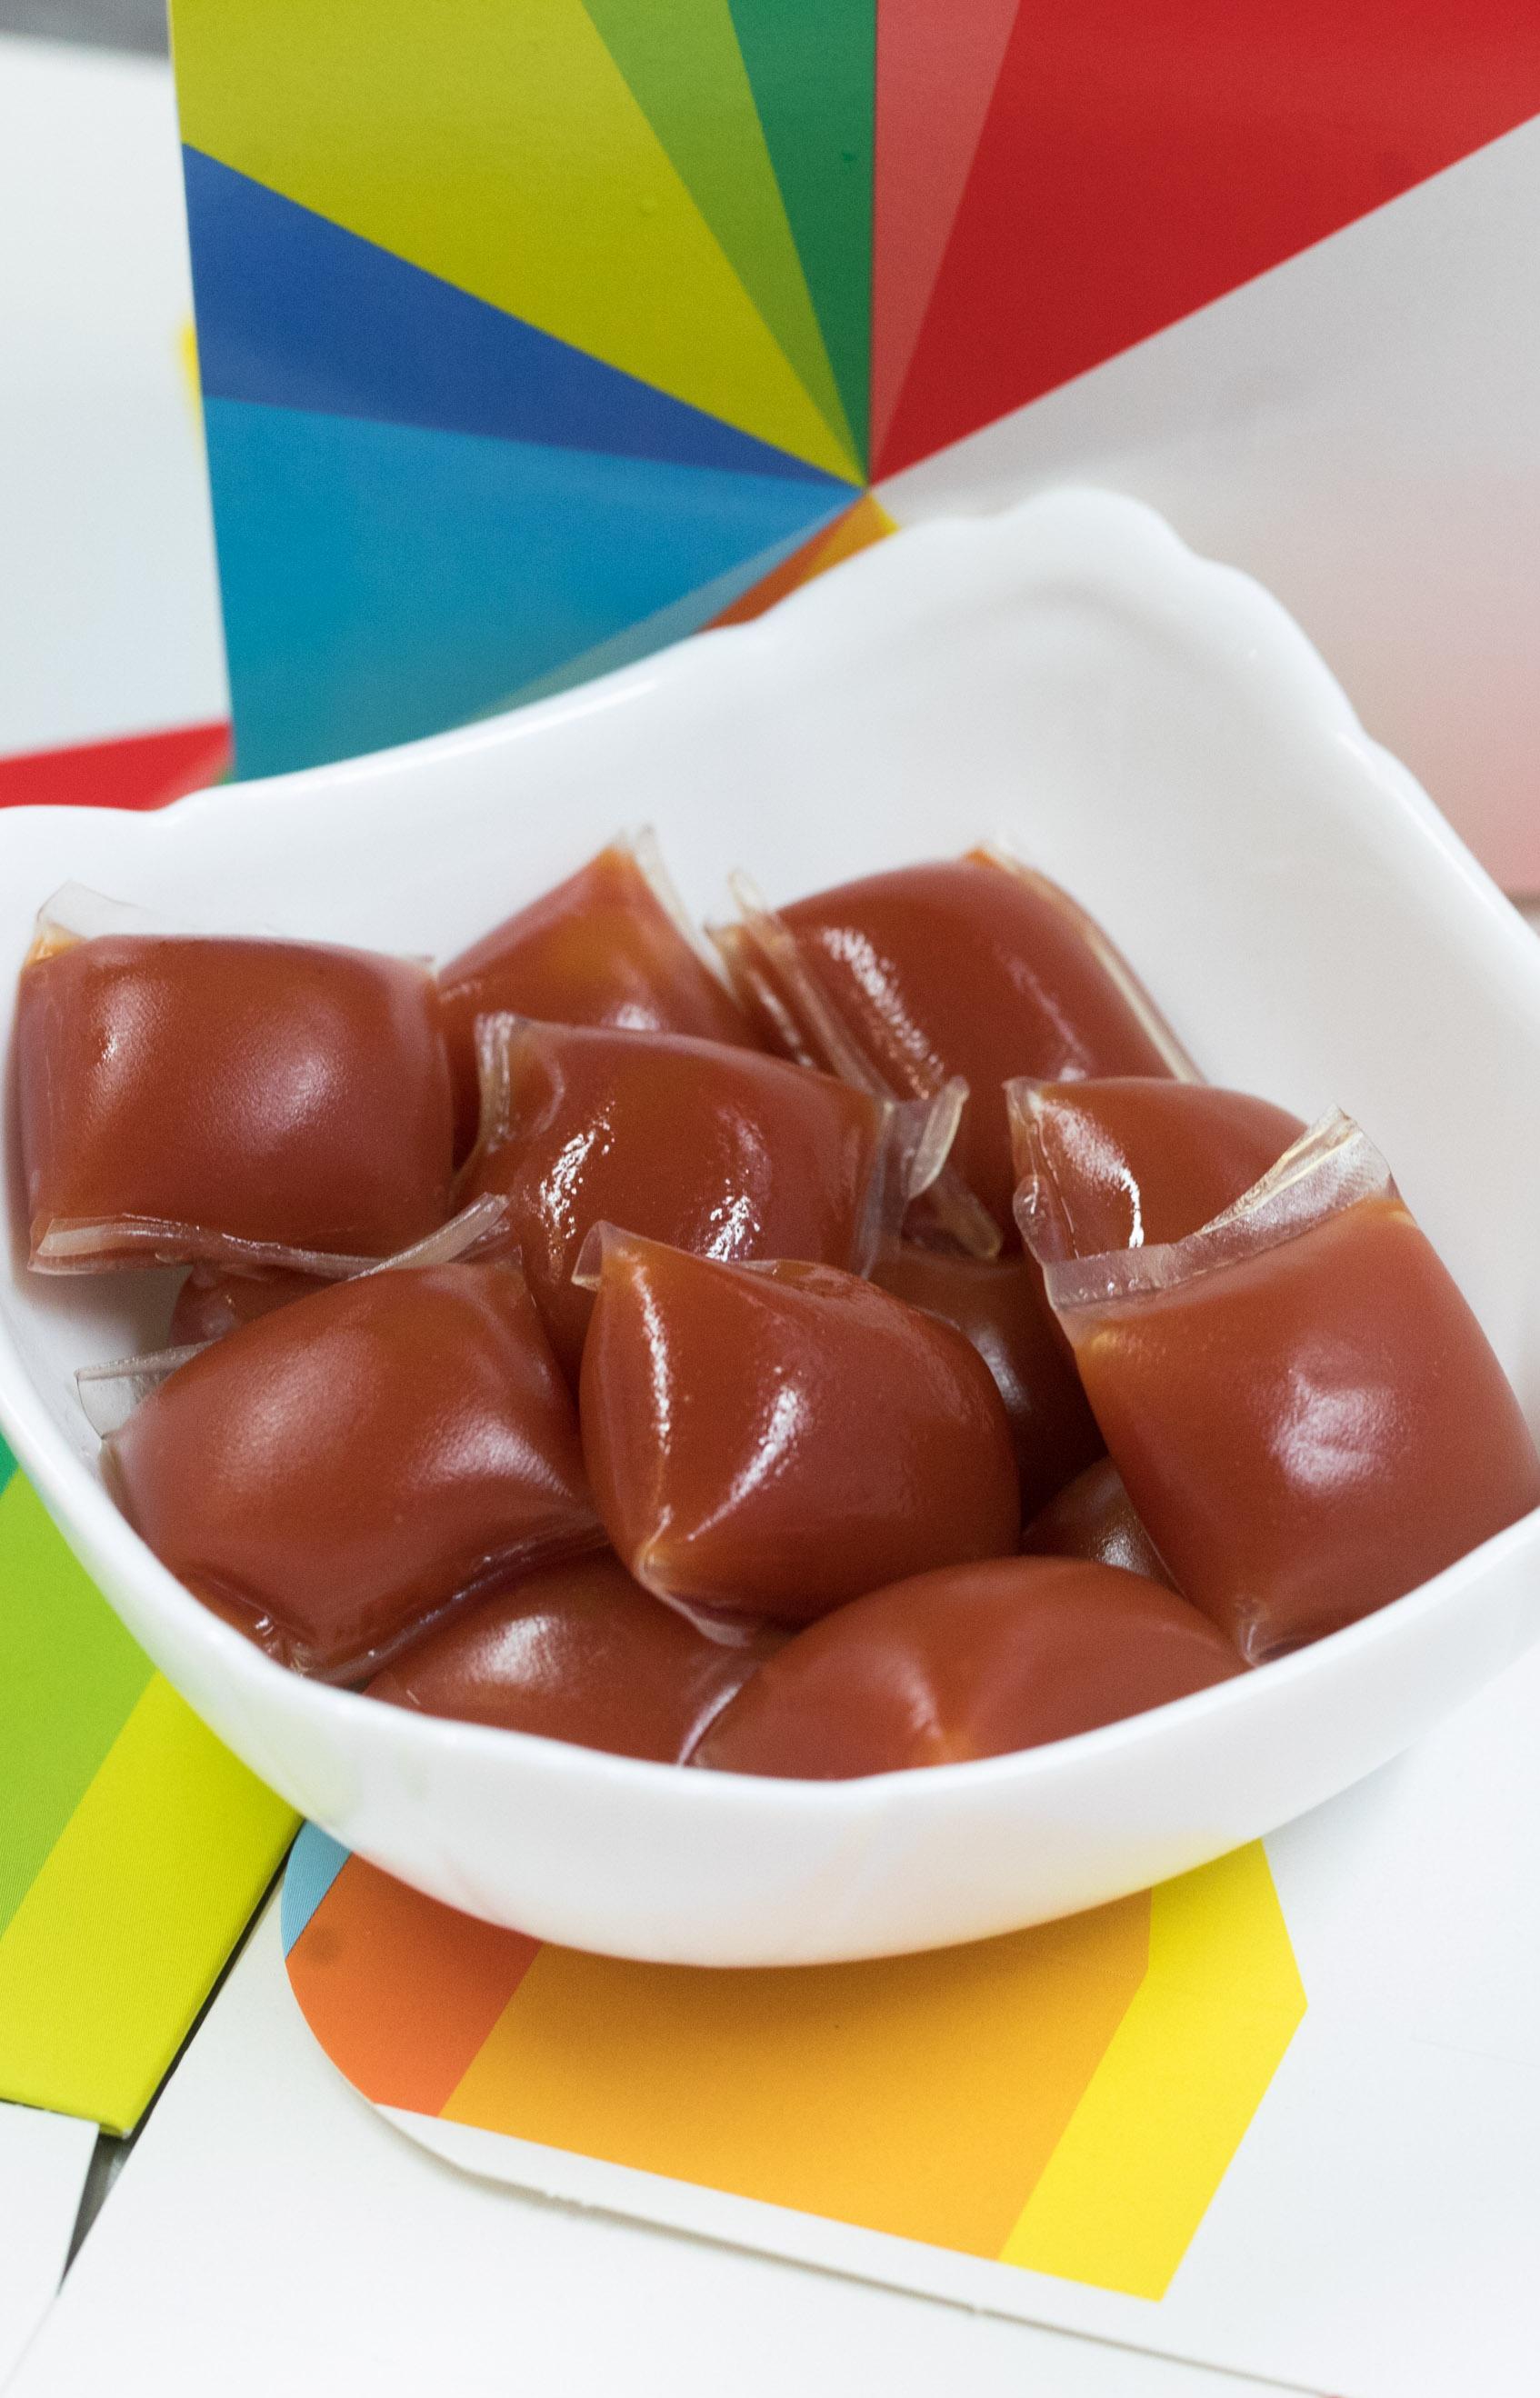 Видео: В Британии тестируют биоразлагаемую упаковку для соусов из морских водорослей